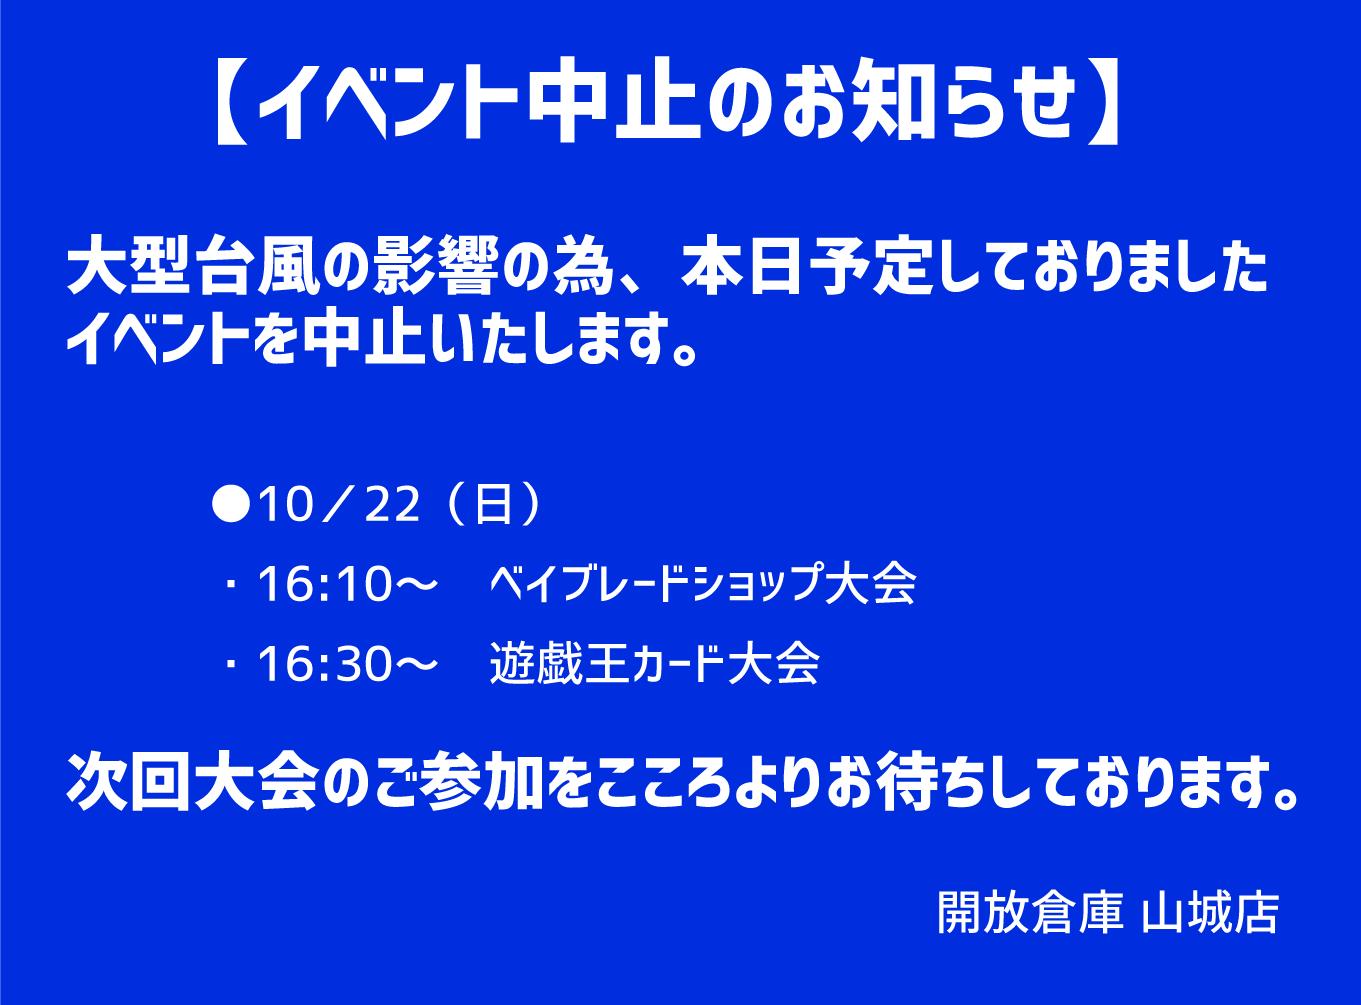 eventStop_y_20171022